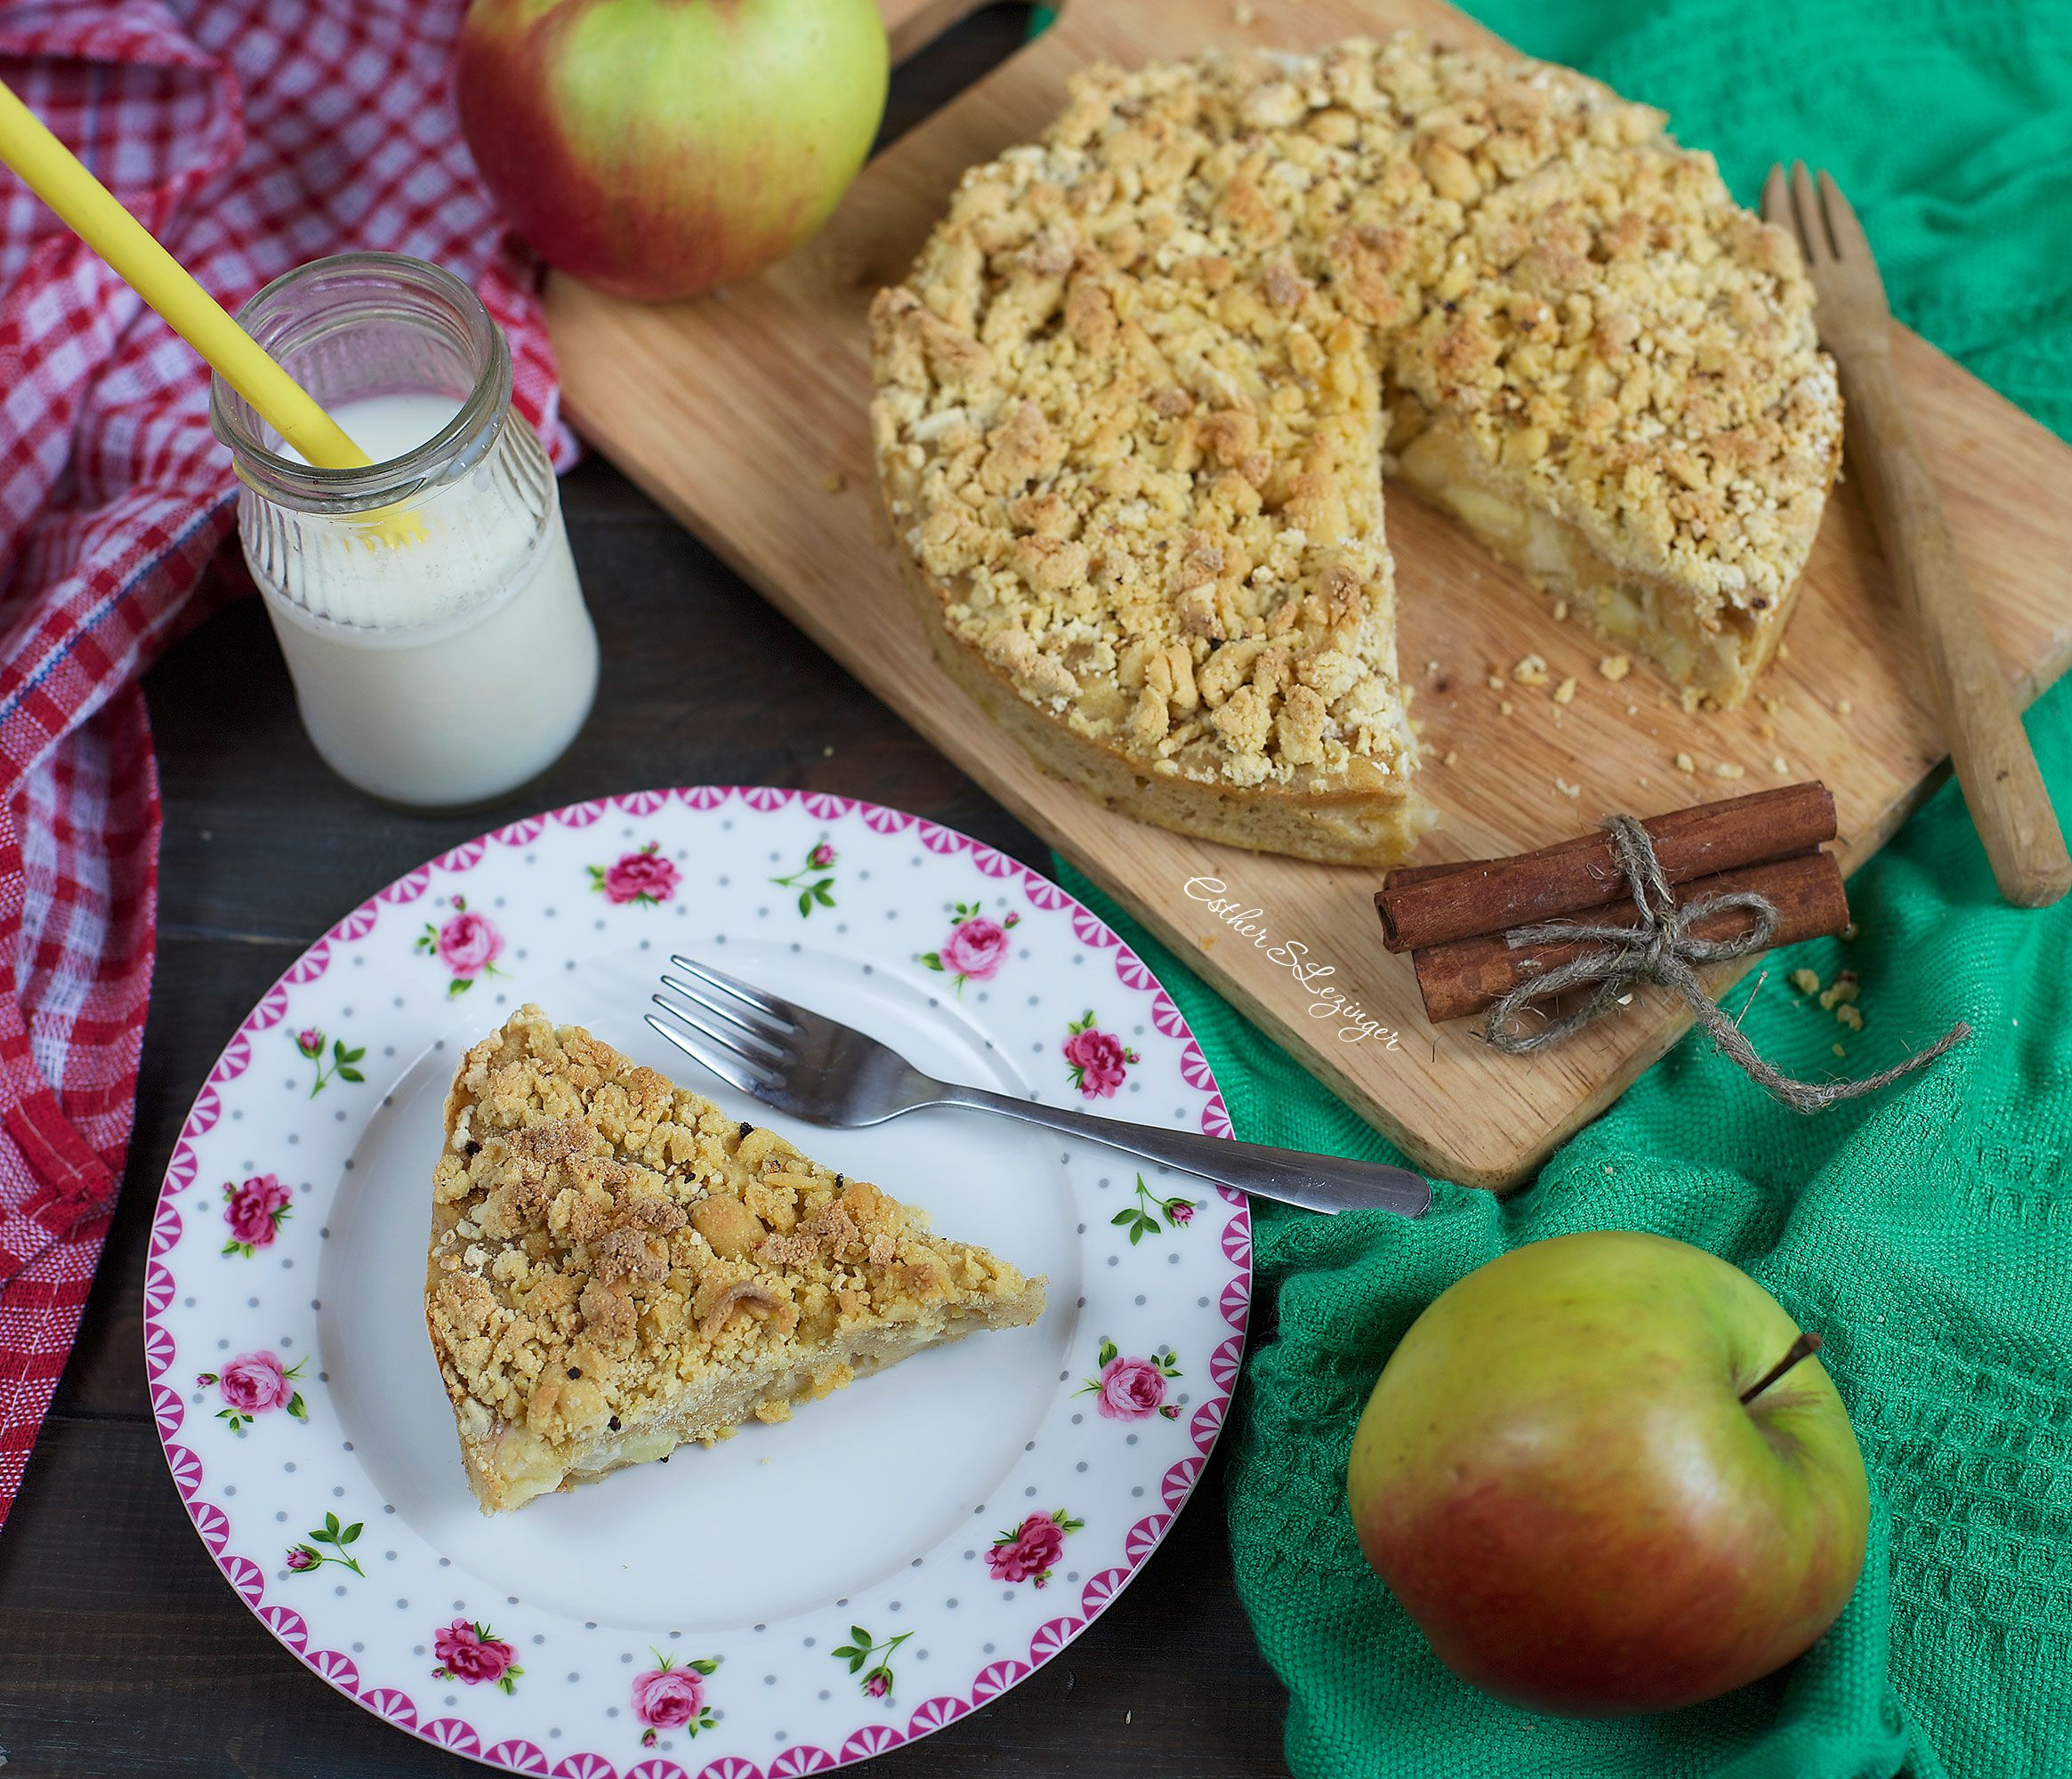 Рецепт Диета Яблоки. Диета на яблоках: как быстро похудеть, диетическое меню и рецепты